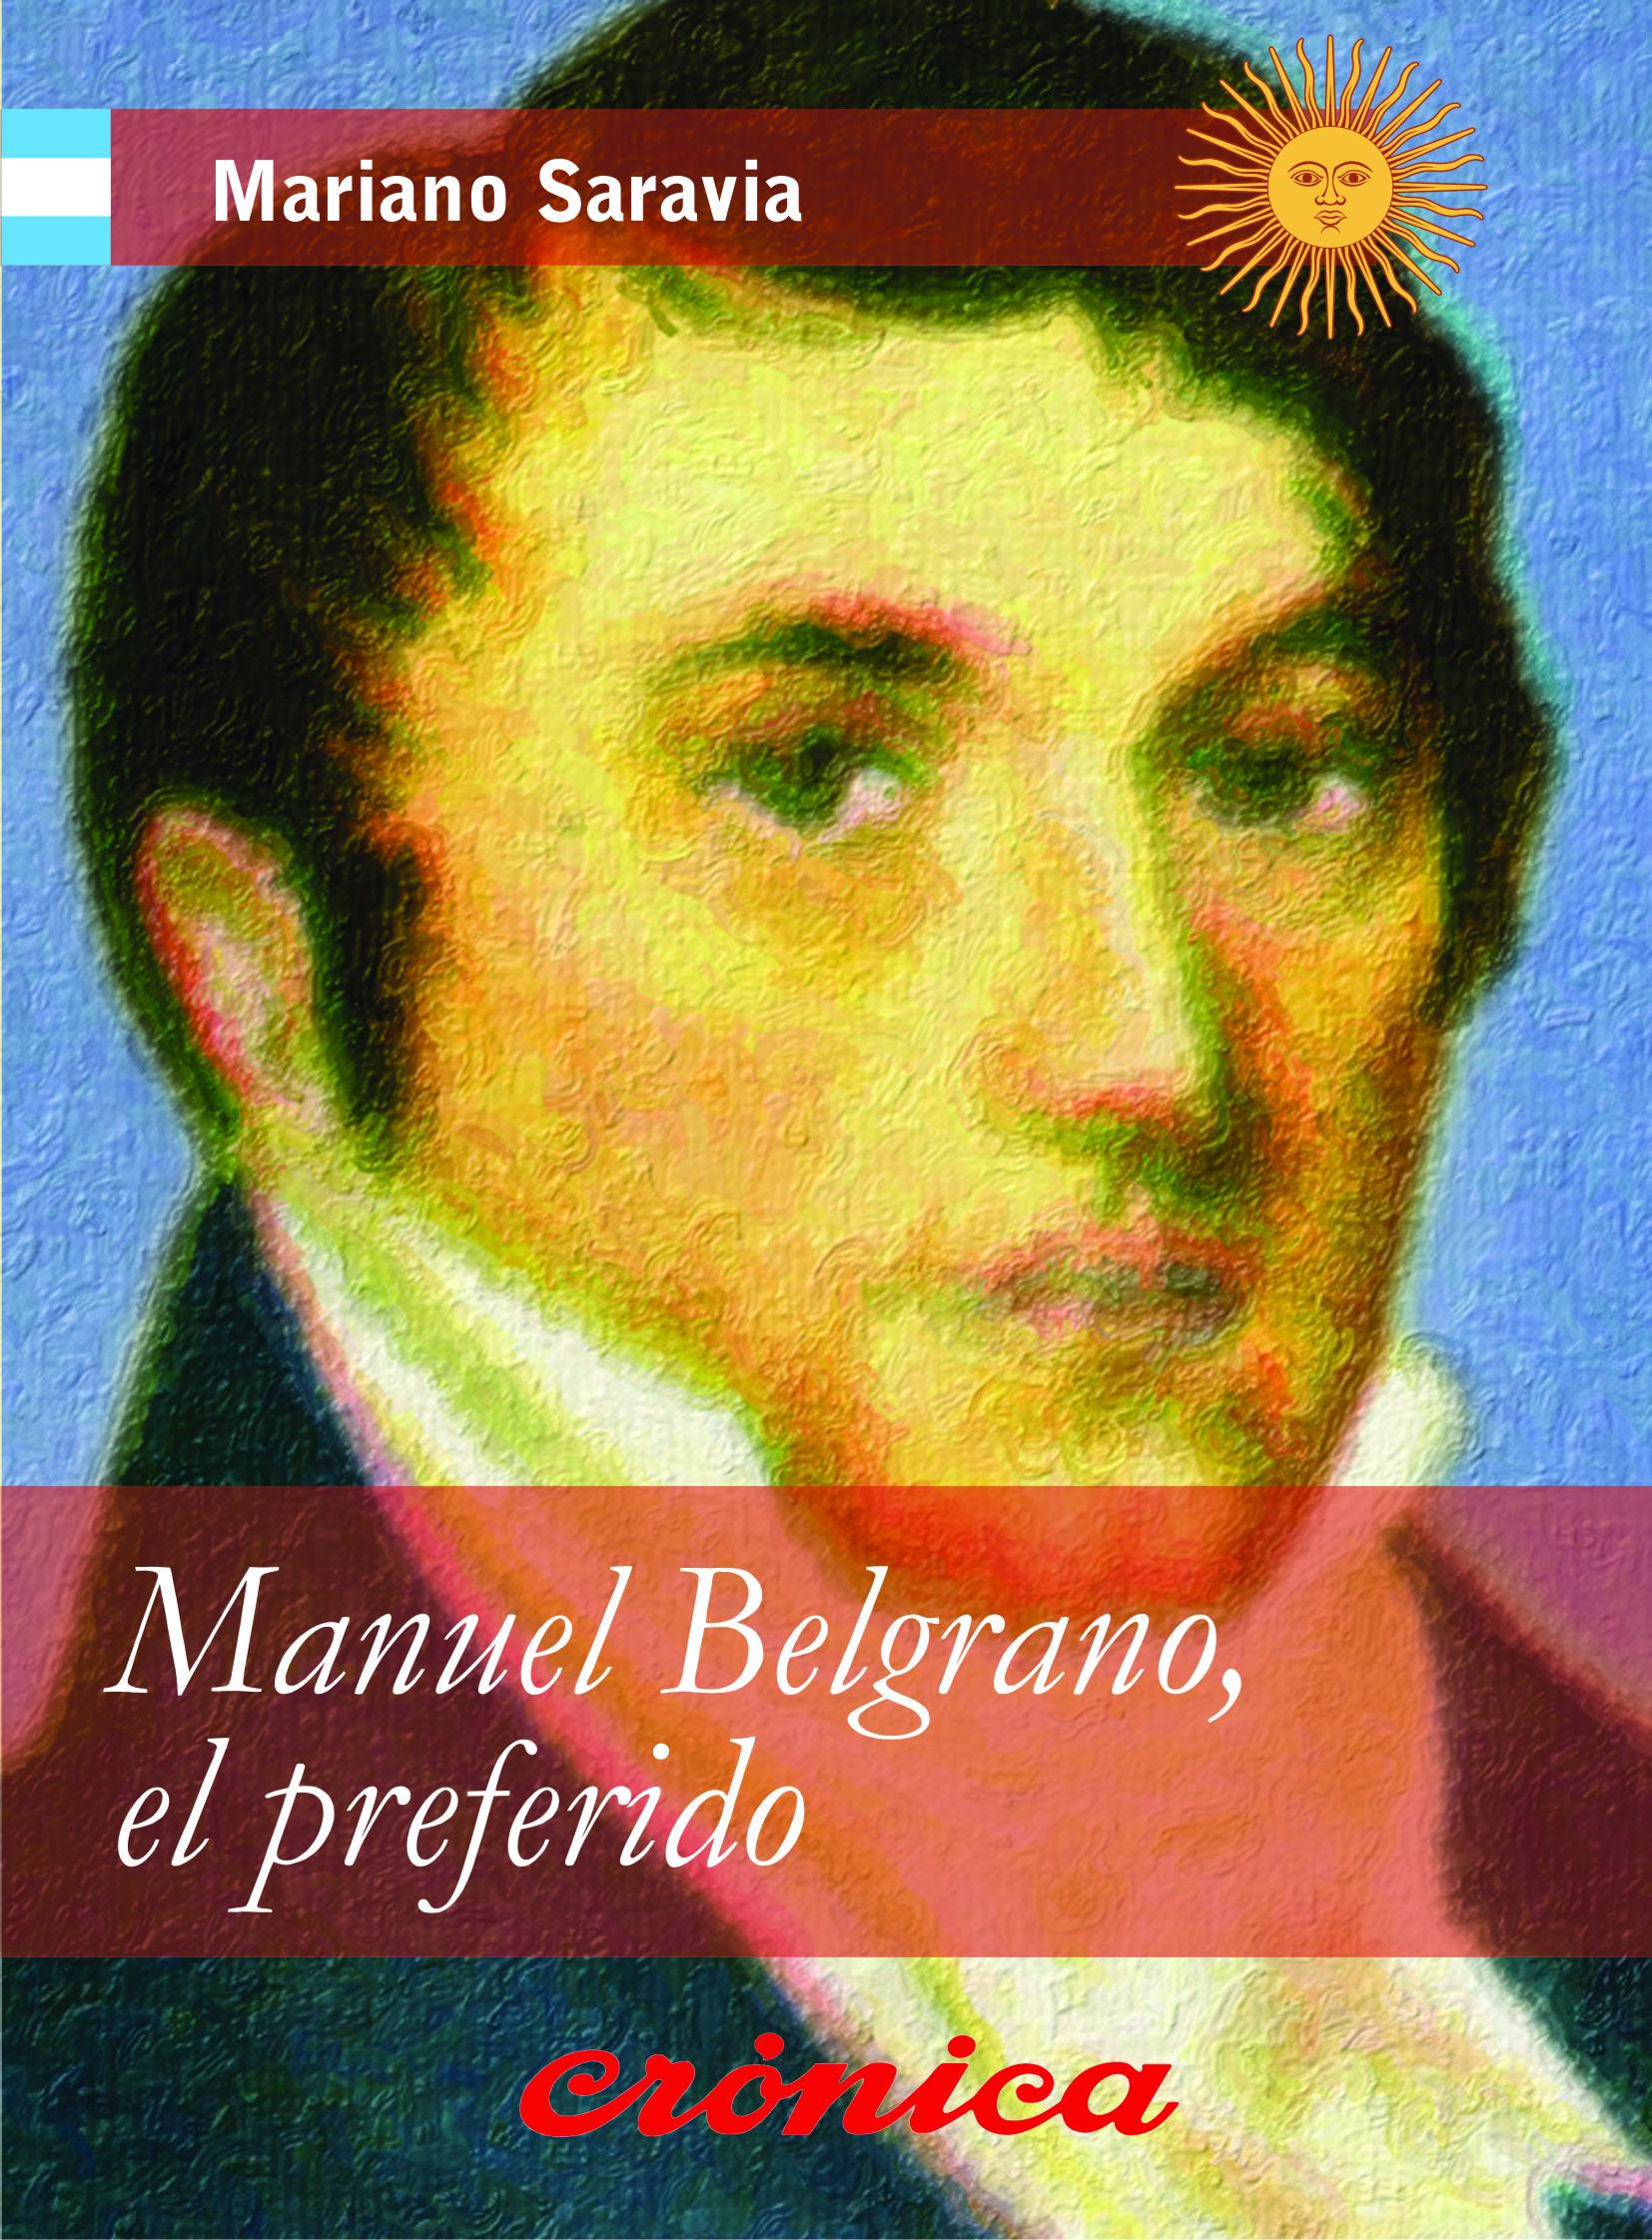 MANUEL BELGRANO, EL PREFERIDO